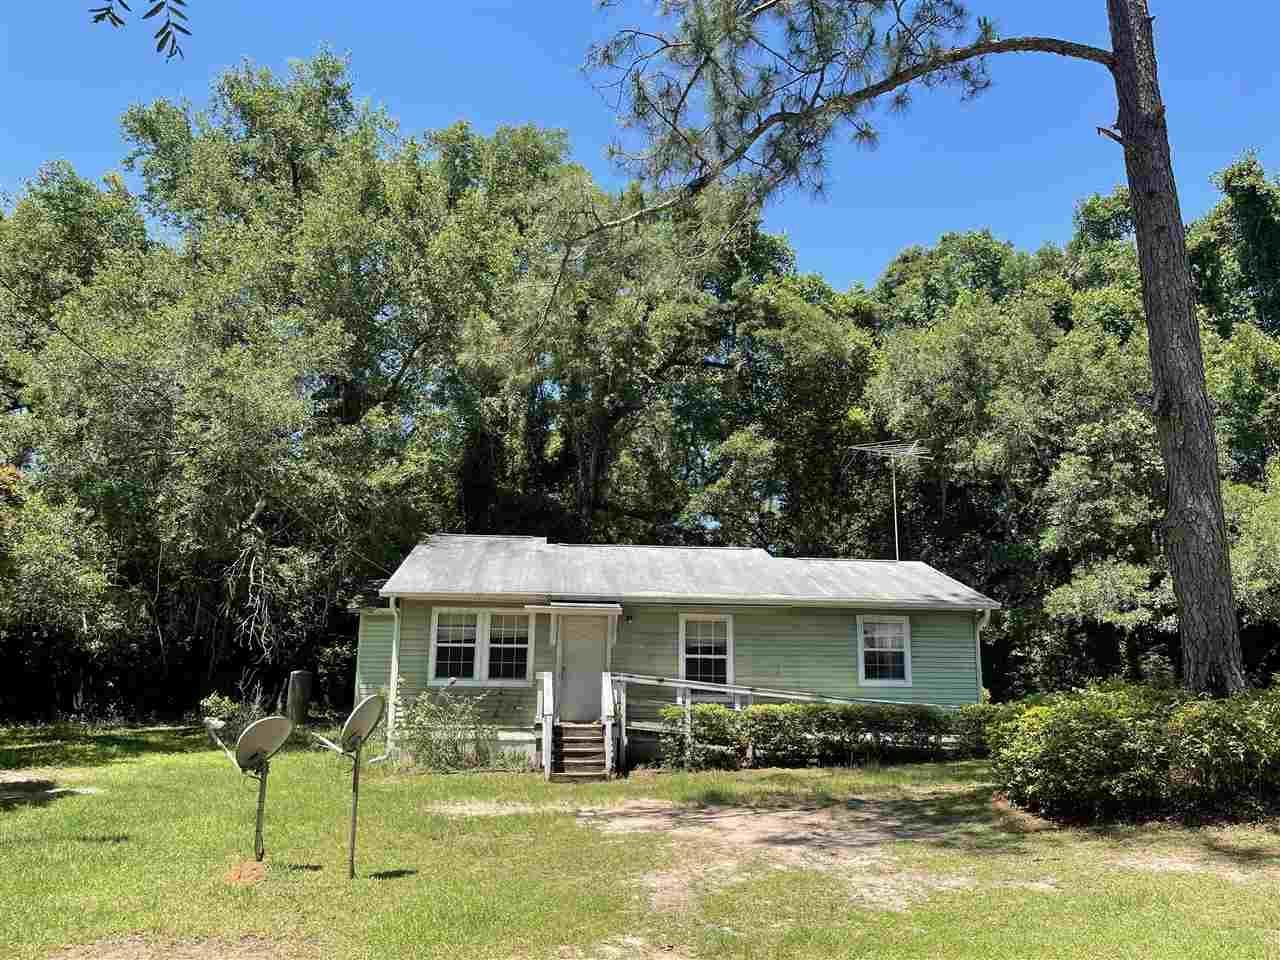 6002 Nabb Ct, Tallahassee, FL 32317 - MLS#: 332023